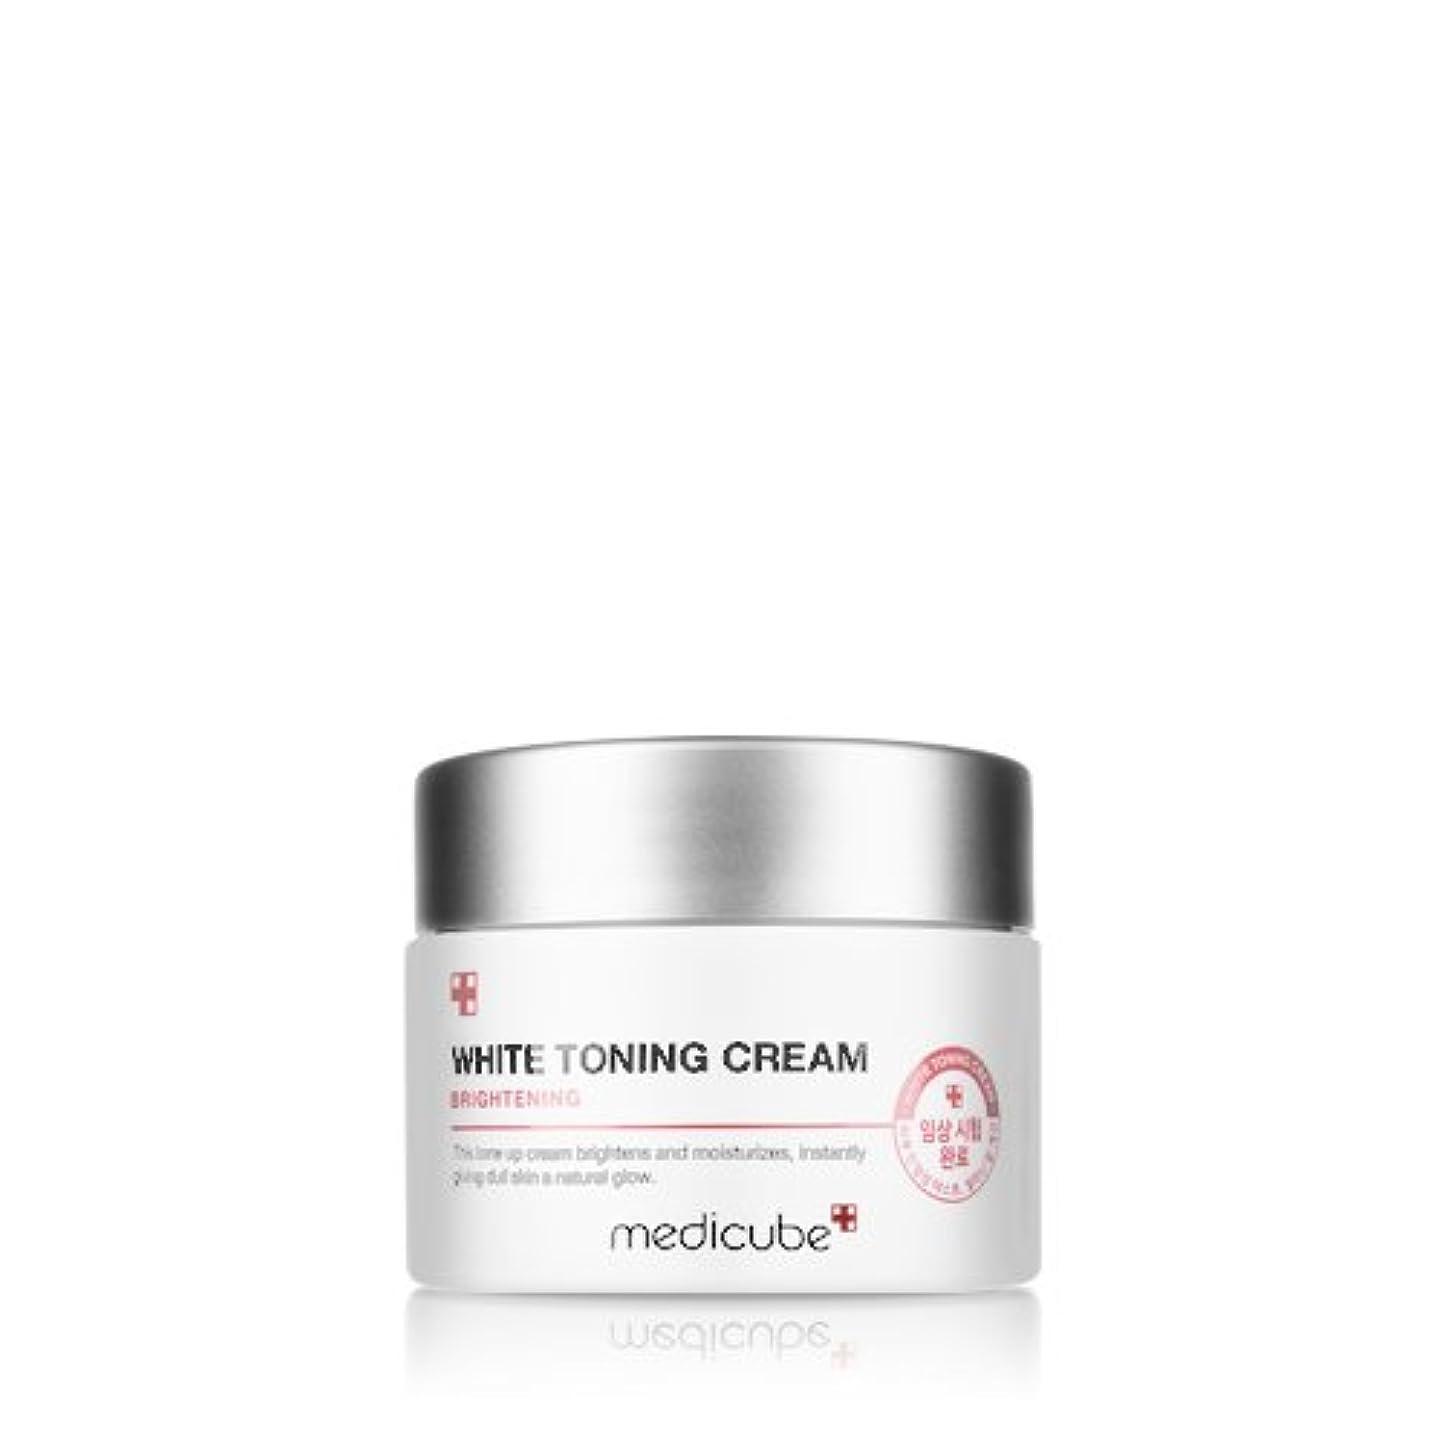 低い昼間過度に[Medicube] WHITE TONING CREAM / メディキューブ ホワイトトーニングクリーム / 正品?海外直送商品